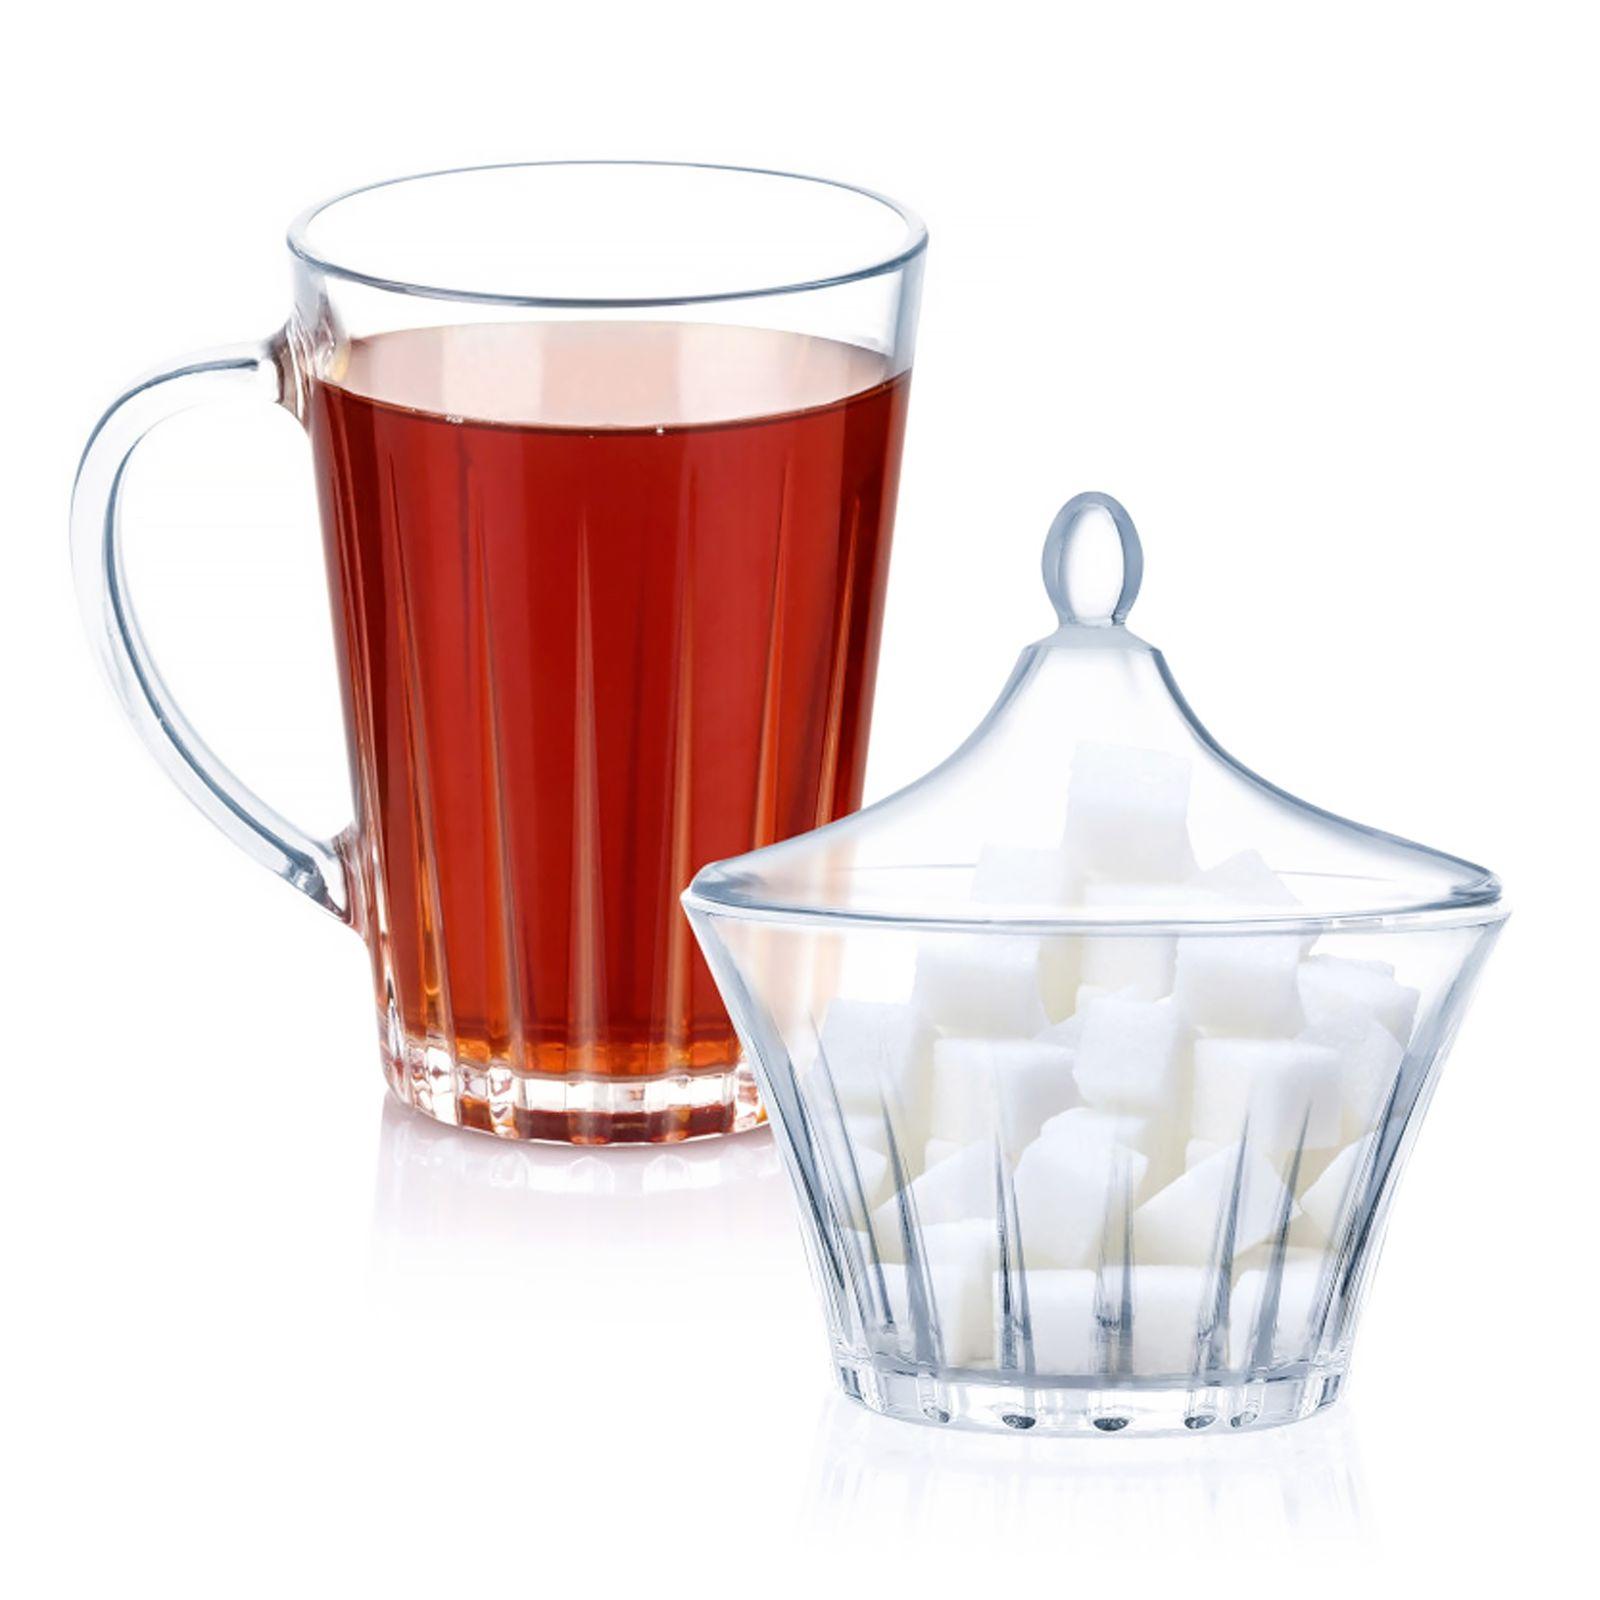 Komplet do kawy / herbaty Lance 8-elementowy LUMINARC